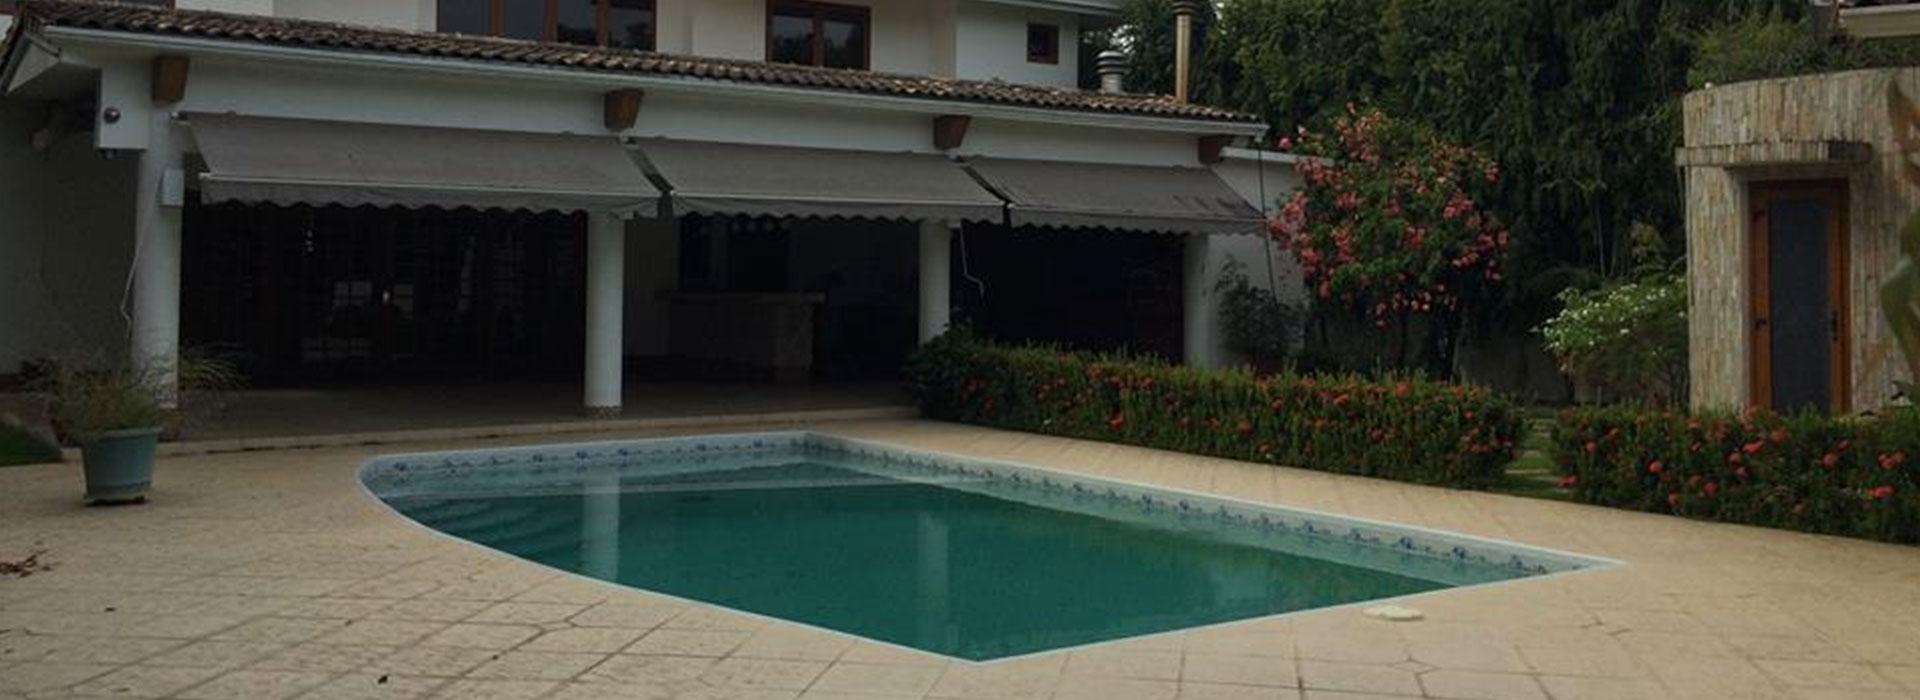 Unique House, Panama - PAN (photo 1)